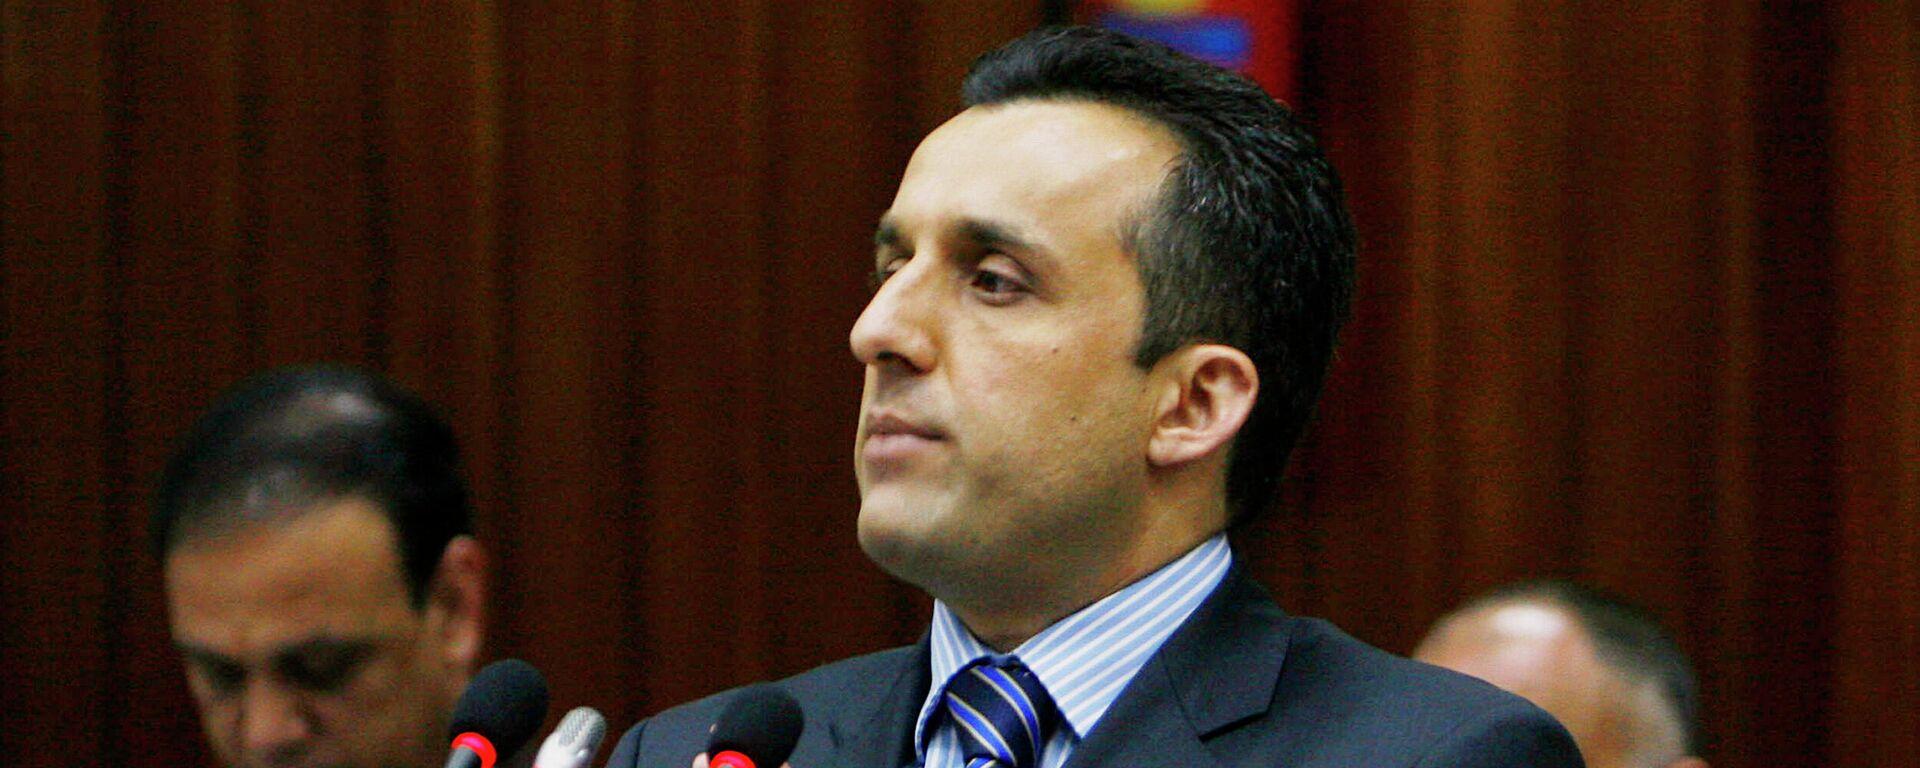 Вице-президент Афганистана Амрулла Салех - Sputnik Тоҷикистон, 1920, 17.08.2021